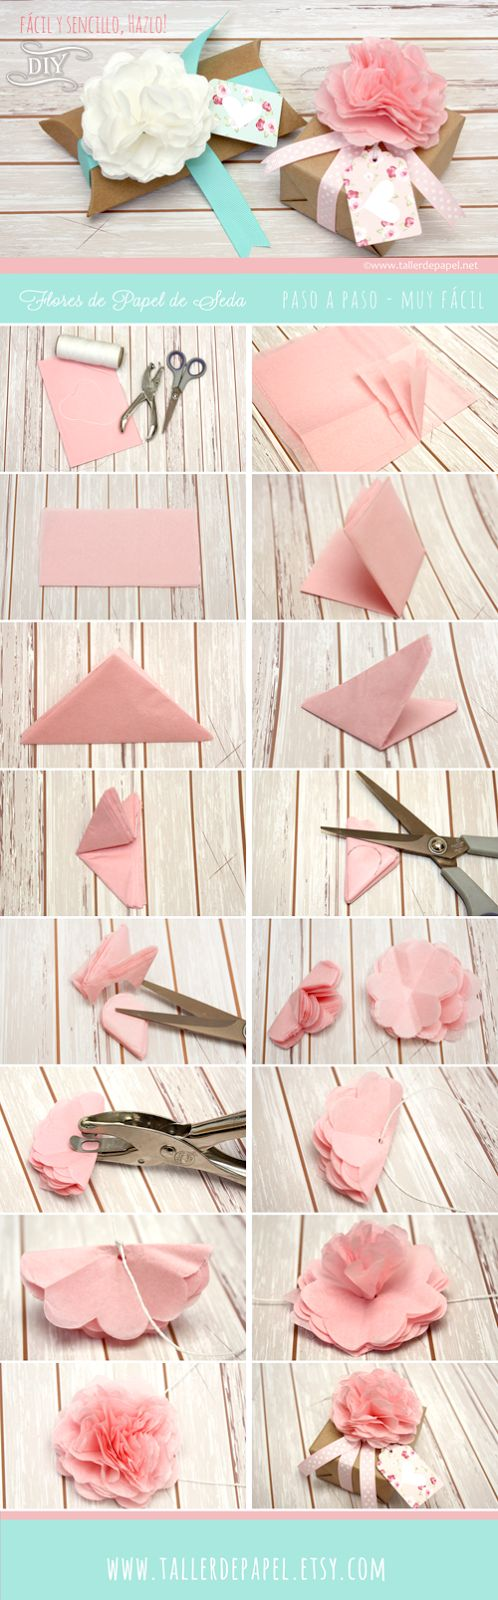 Tutorial para hacer de un empaque común, algo inolvidable. Sigue este tutorial y has esta hermosa flor para dar ese toque especial y único a un regalo muy especial! www.tallerdepapel.net